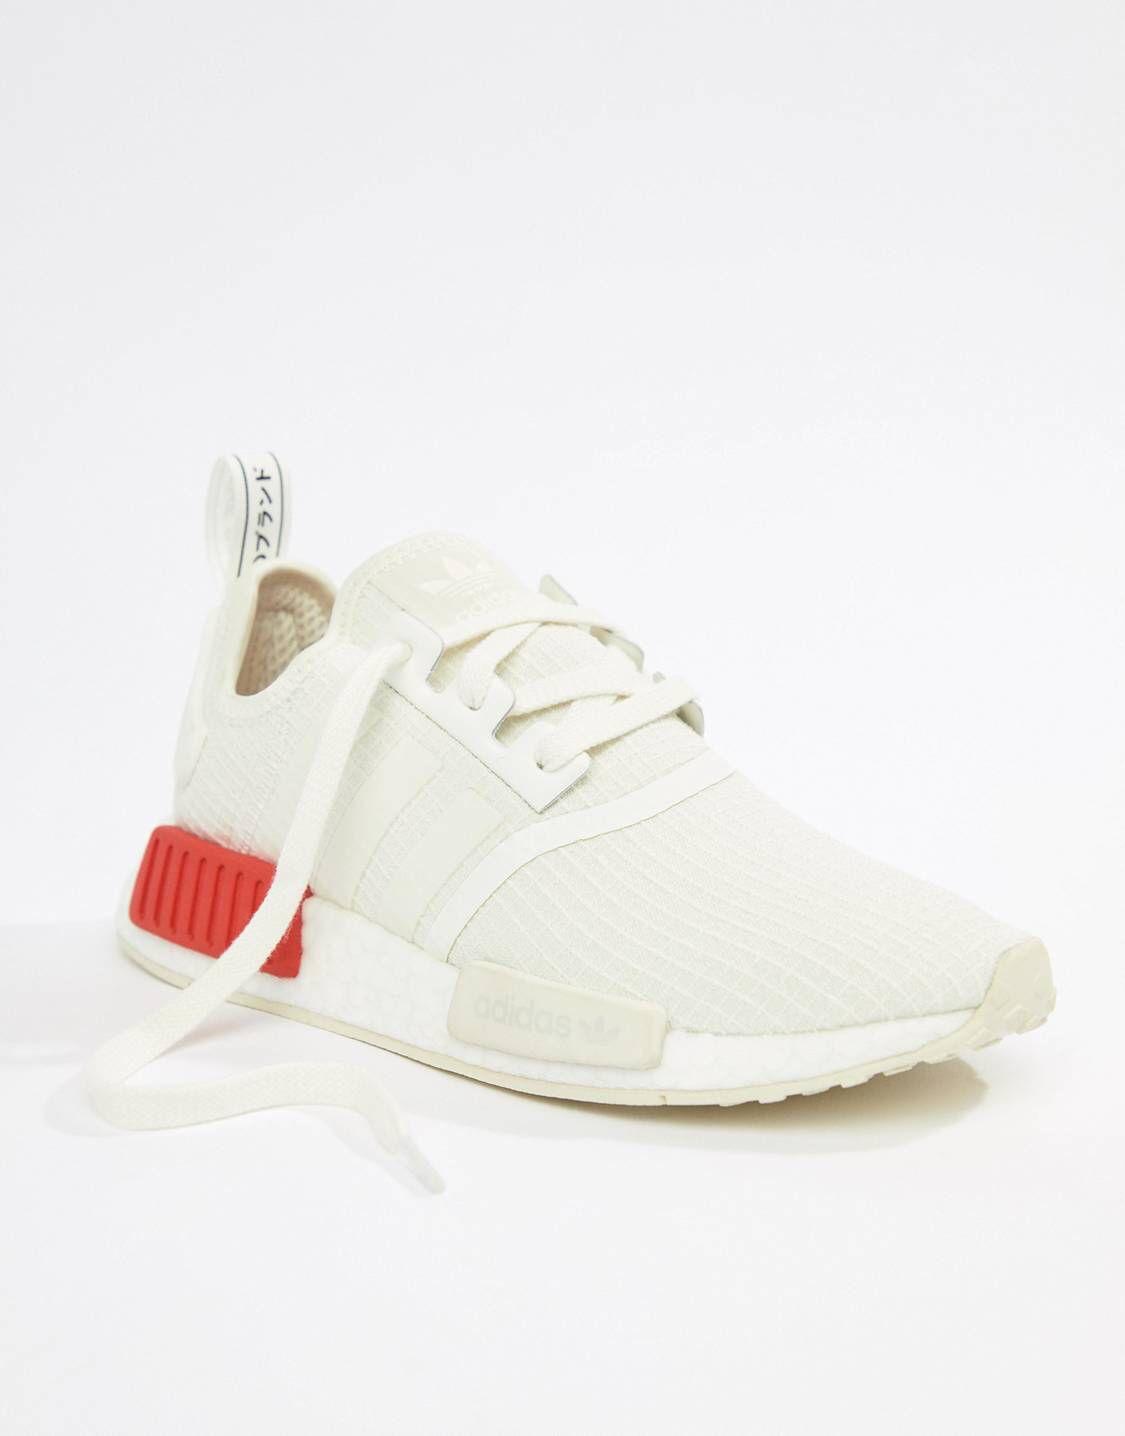 online store 2c474 c4b3d adidas Originals - Nmd R1 - Baskets à talon carré rouge ...